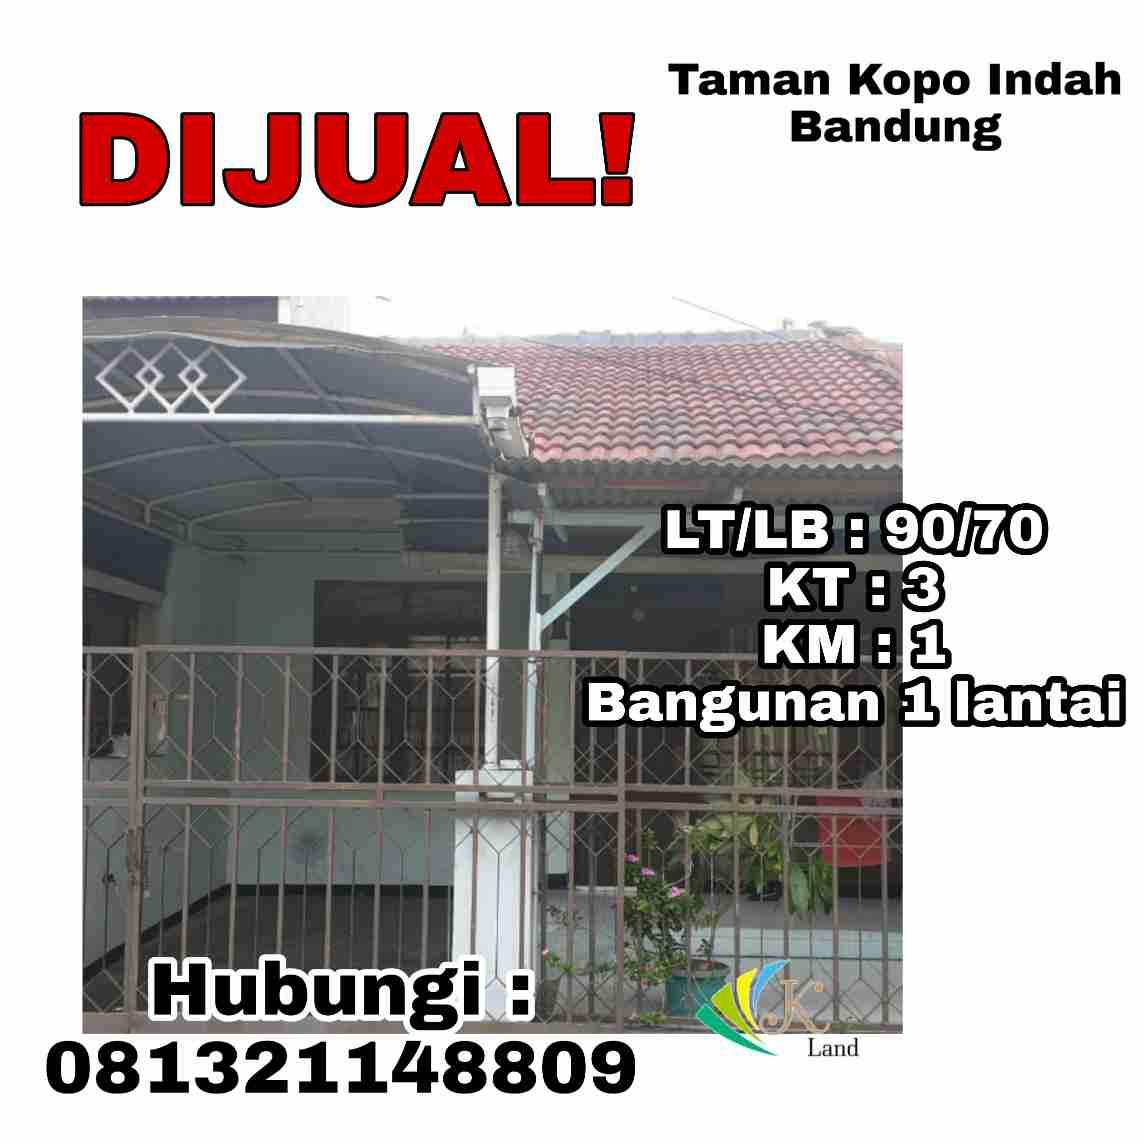 Jual Rumah TKI 2 Patung Kuda Blok C Bandung